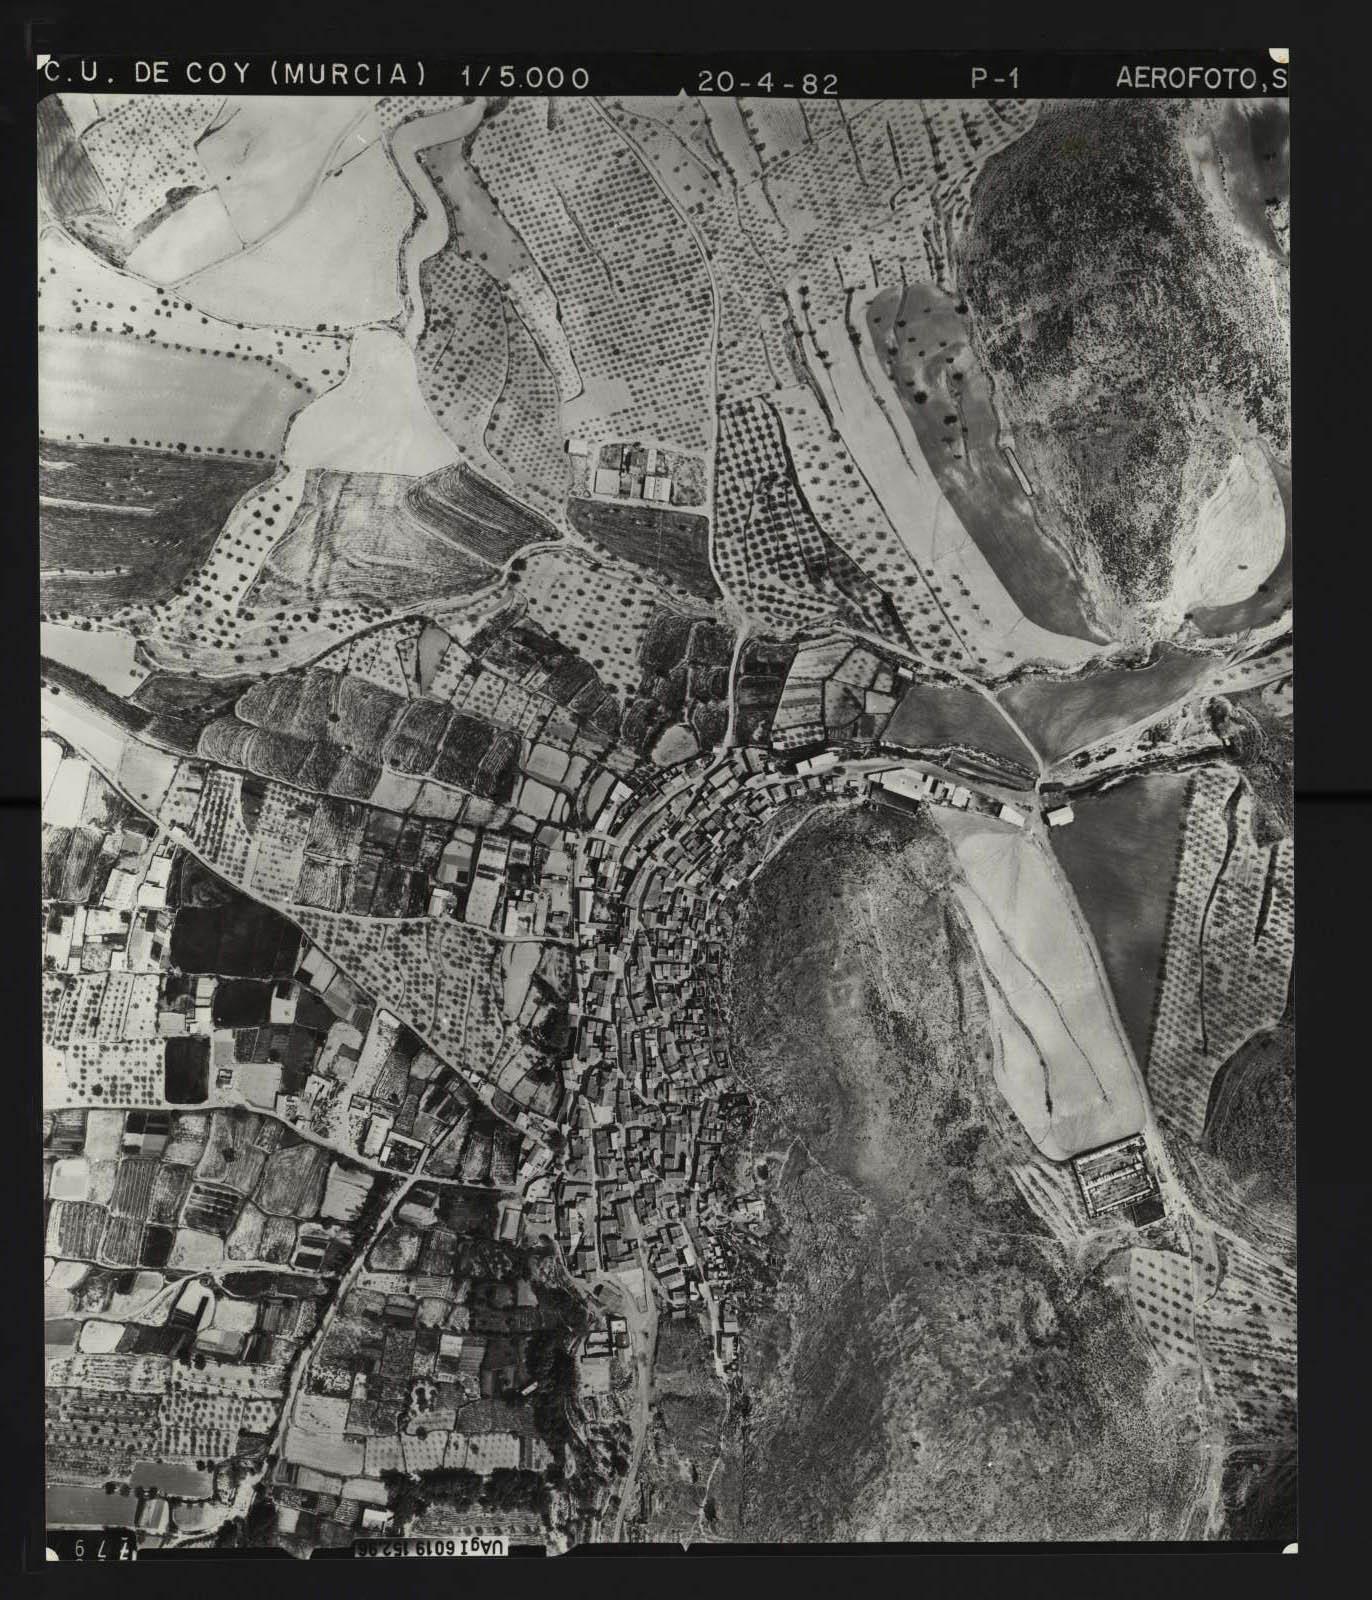 Vista aérea de Coy